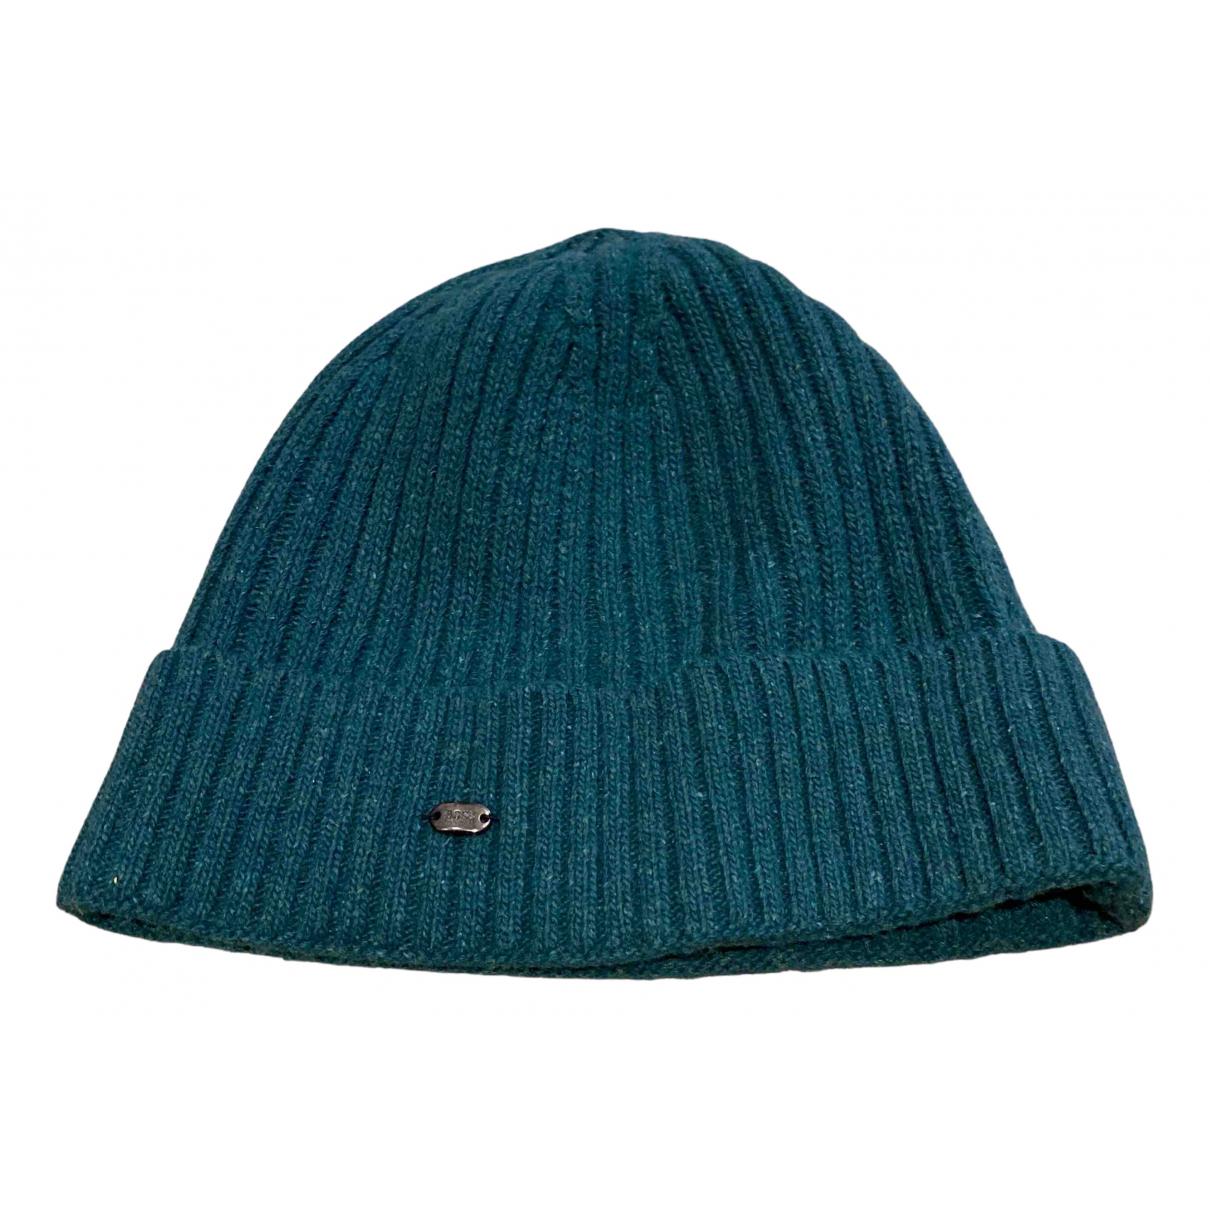 Boss - Chapeau & Bonnets   pour homme en laine - vert